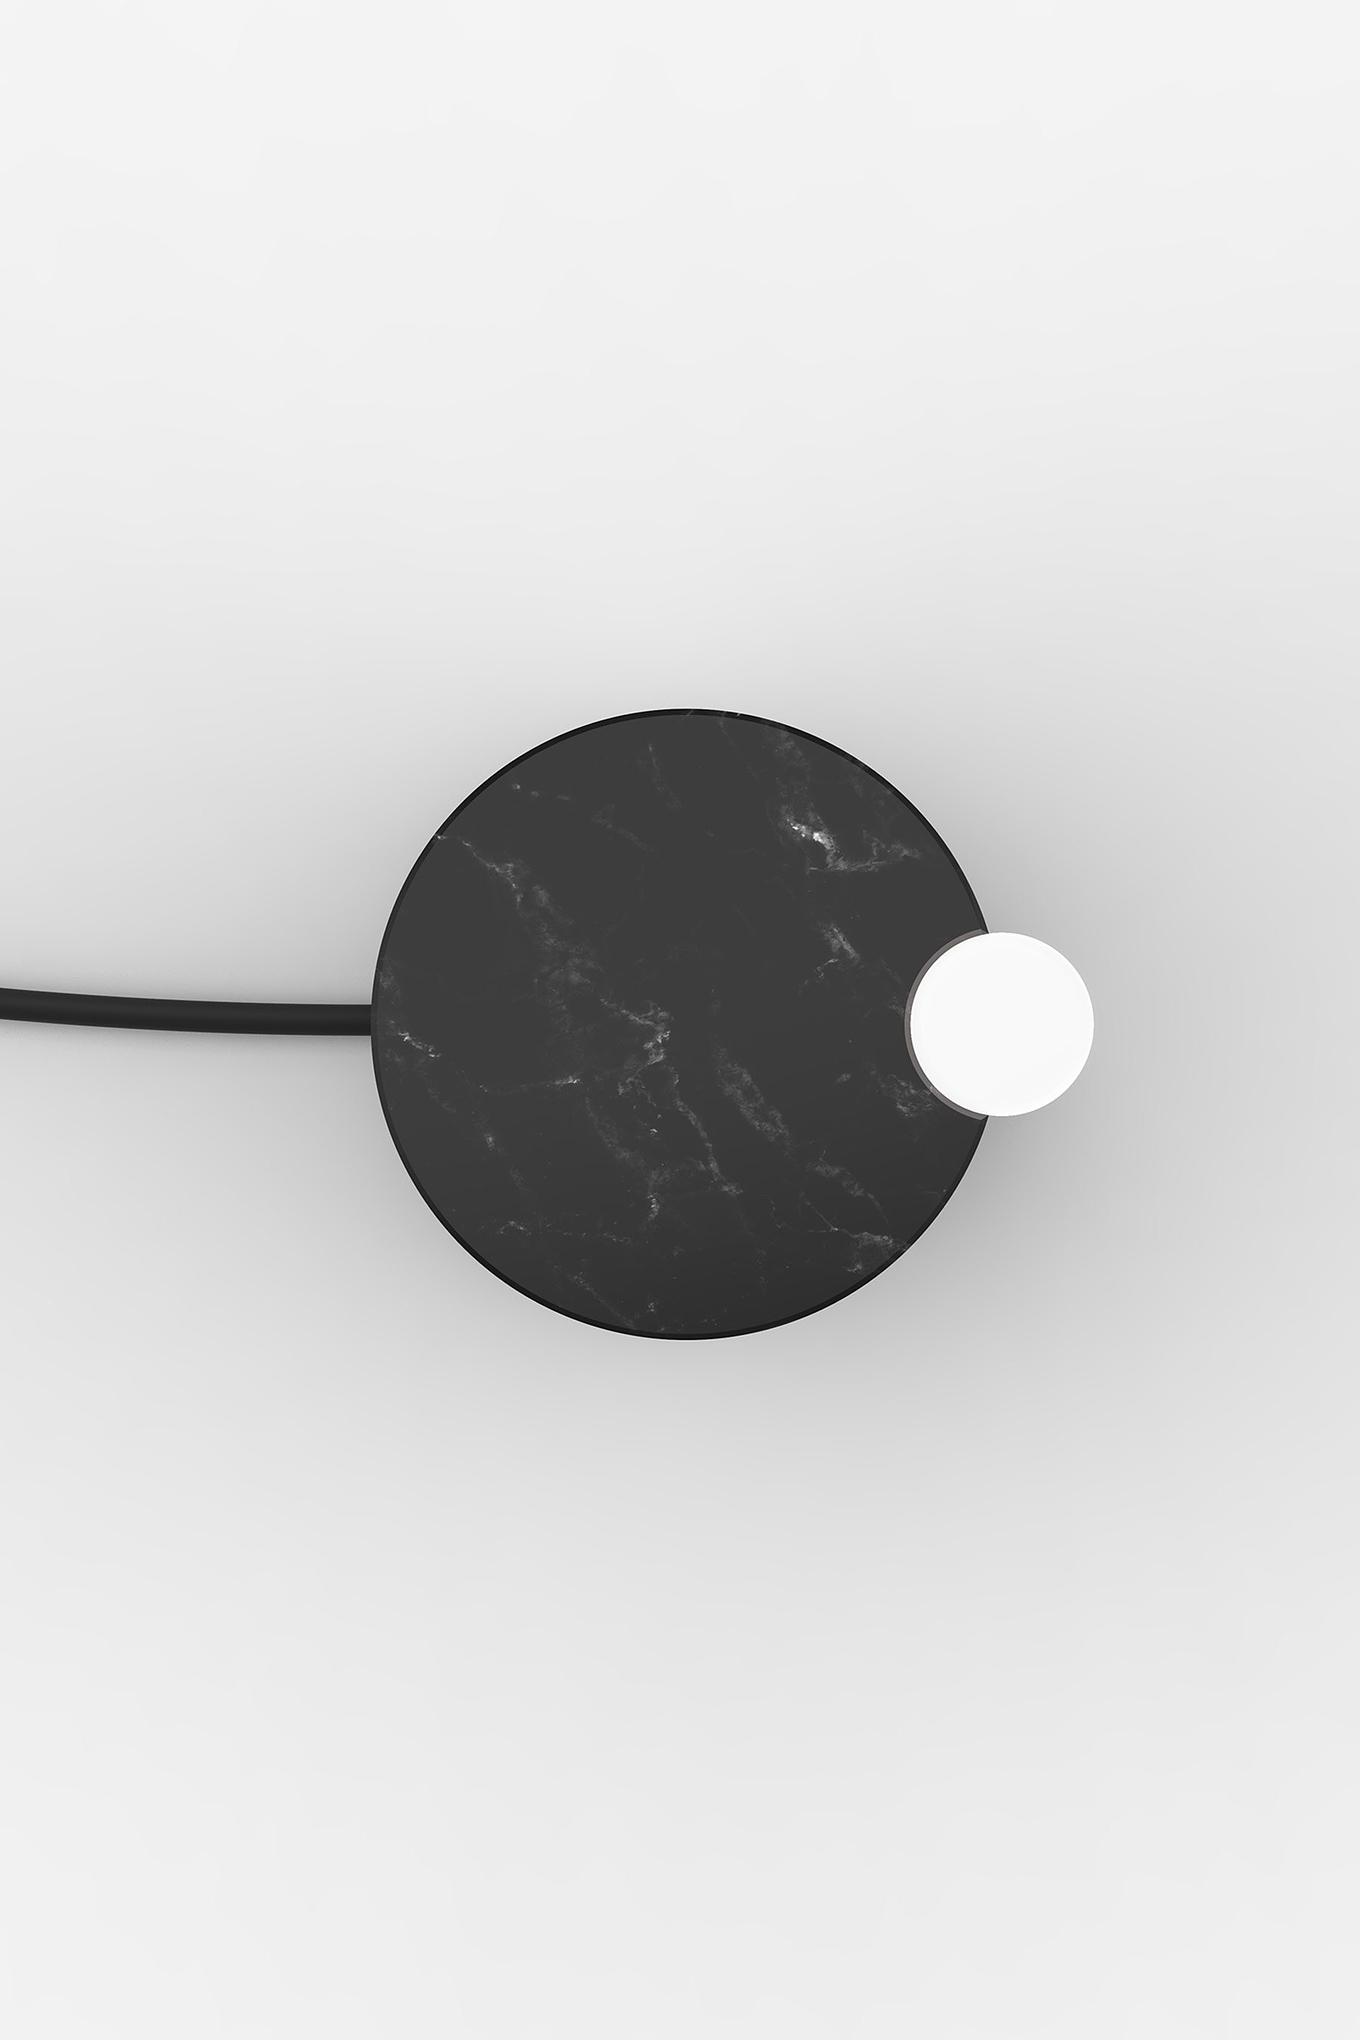 satellite-lighting-quentin-de-coster-gessato-6